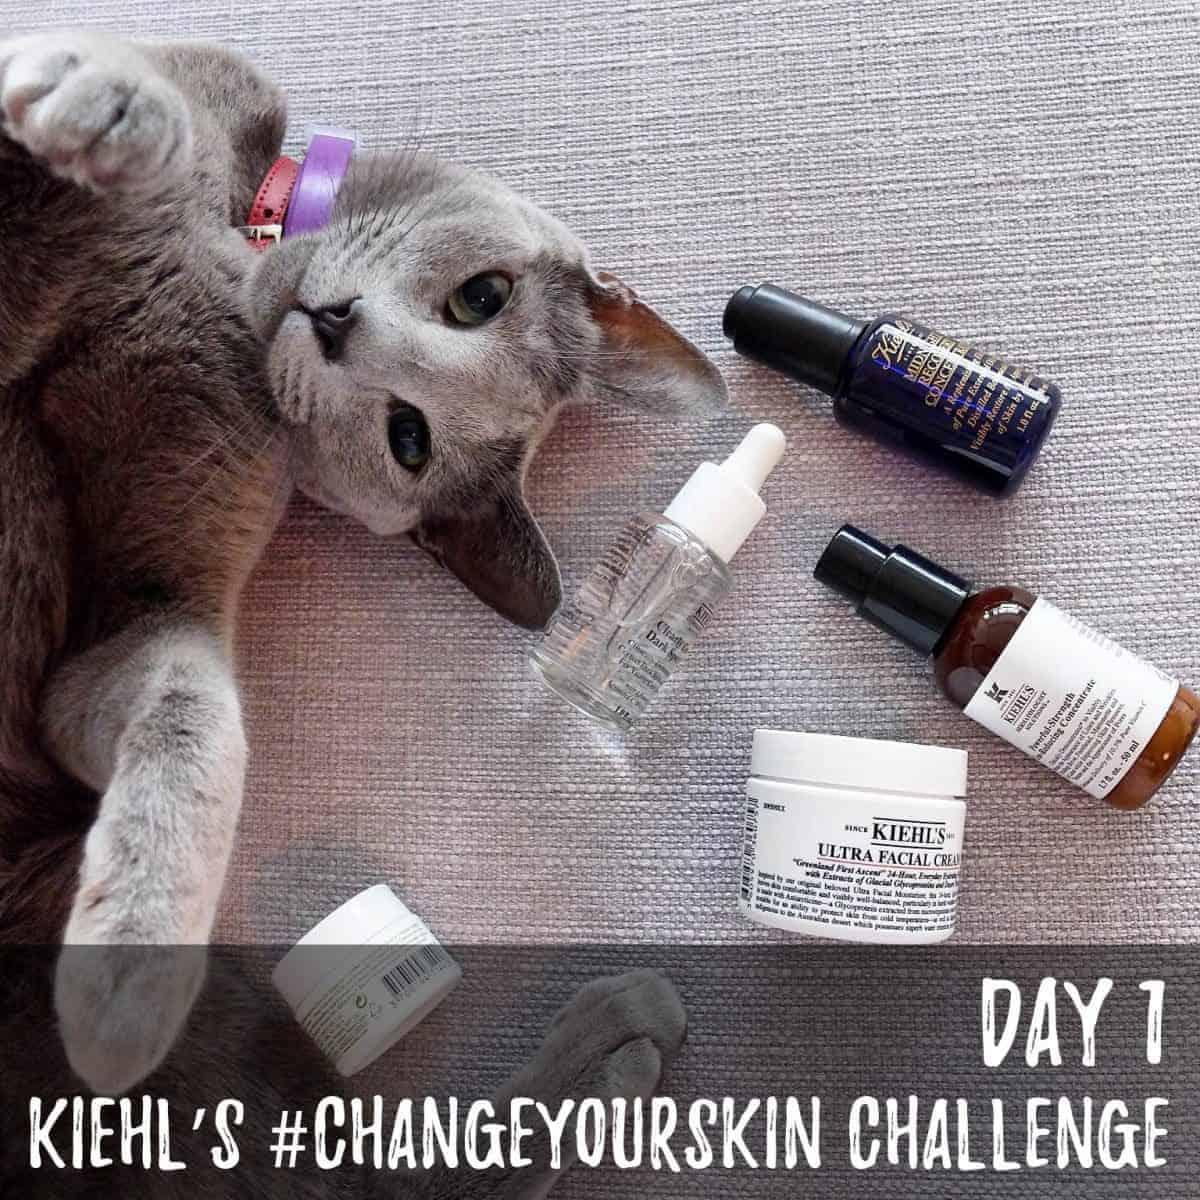 Kiehl's #ChangeYourSkin Challenge